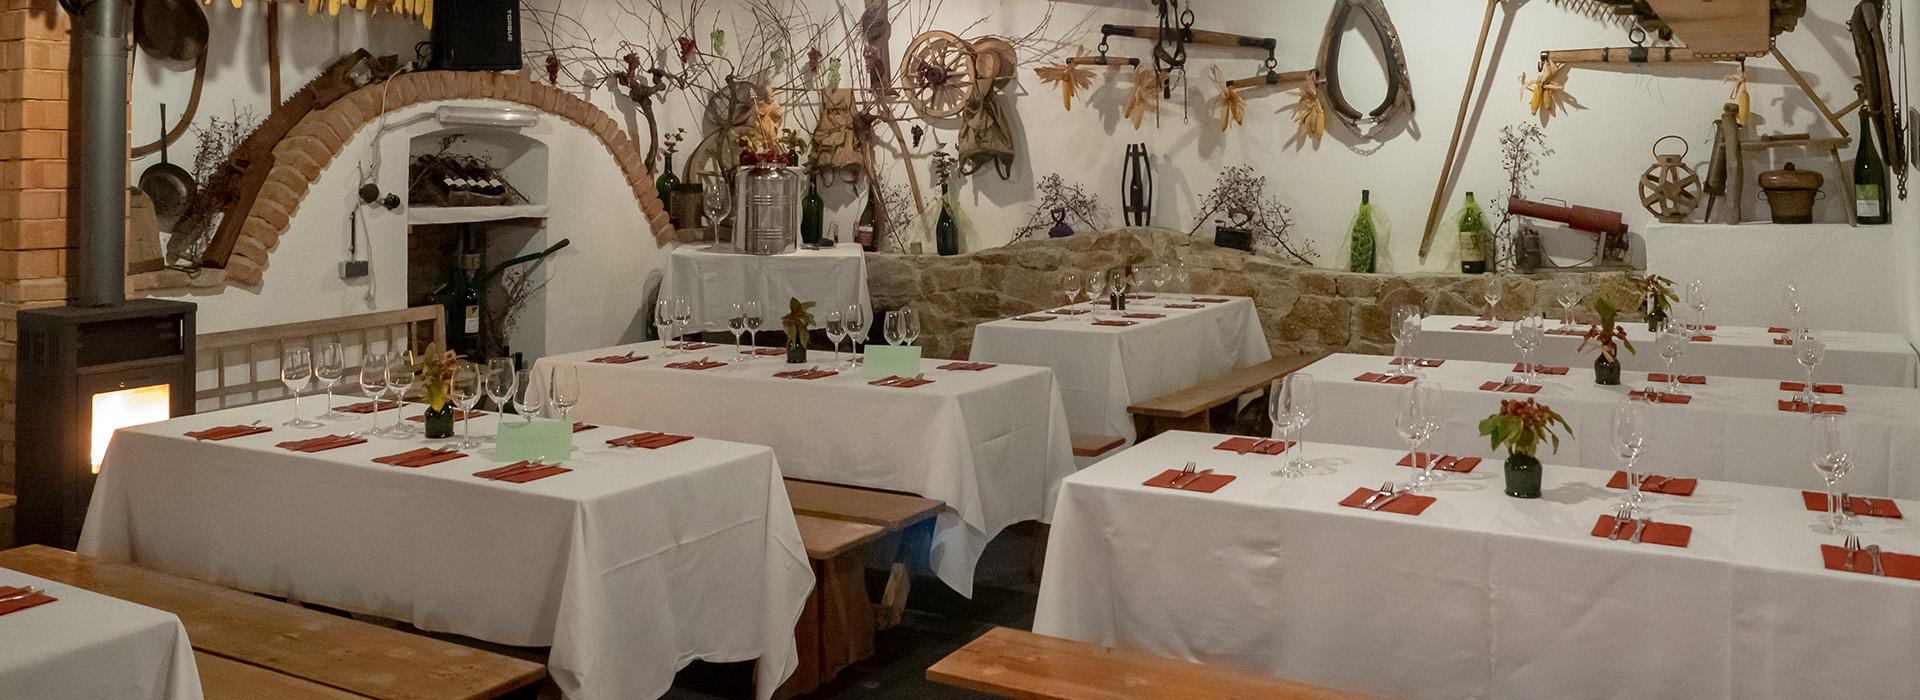 Tischdekoration Weintaufe